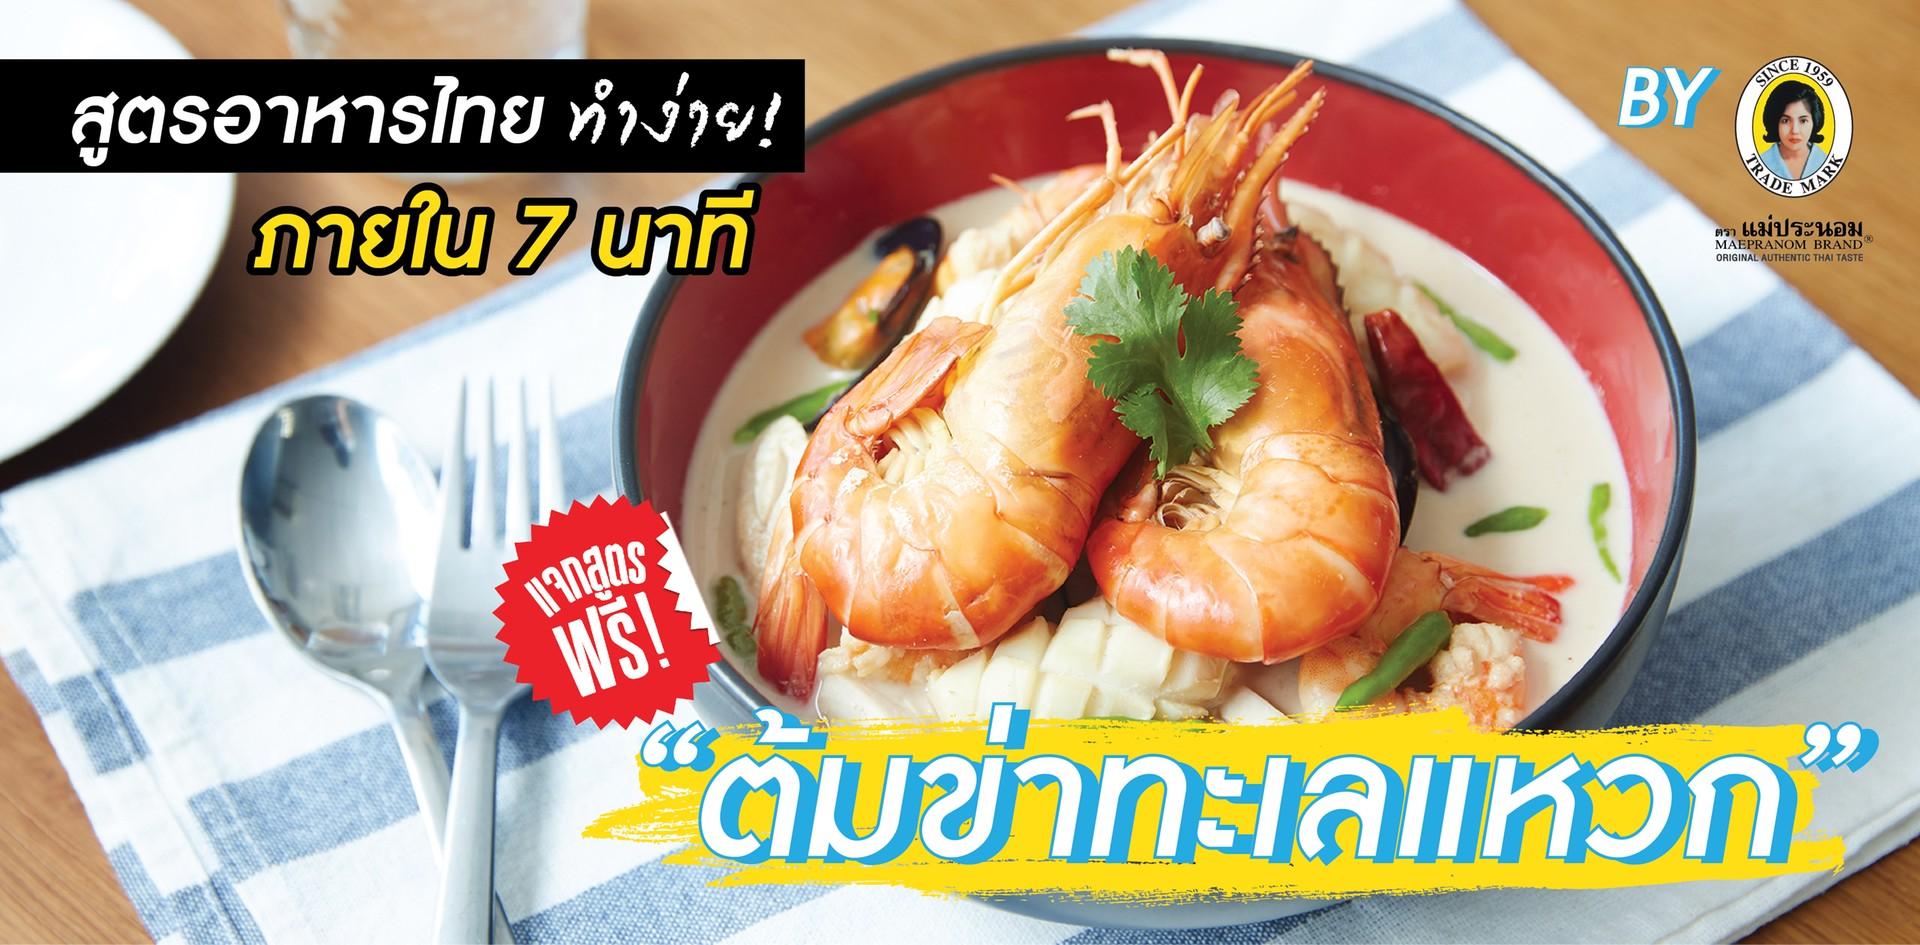 """แจกฟรี! สูตรอาหารไทยทำง่าย ภายใน 7 นาที กับเมนู """"ต้มข่าทะเลแหวก"""""""